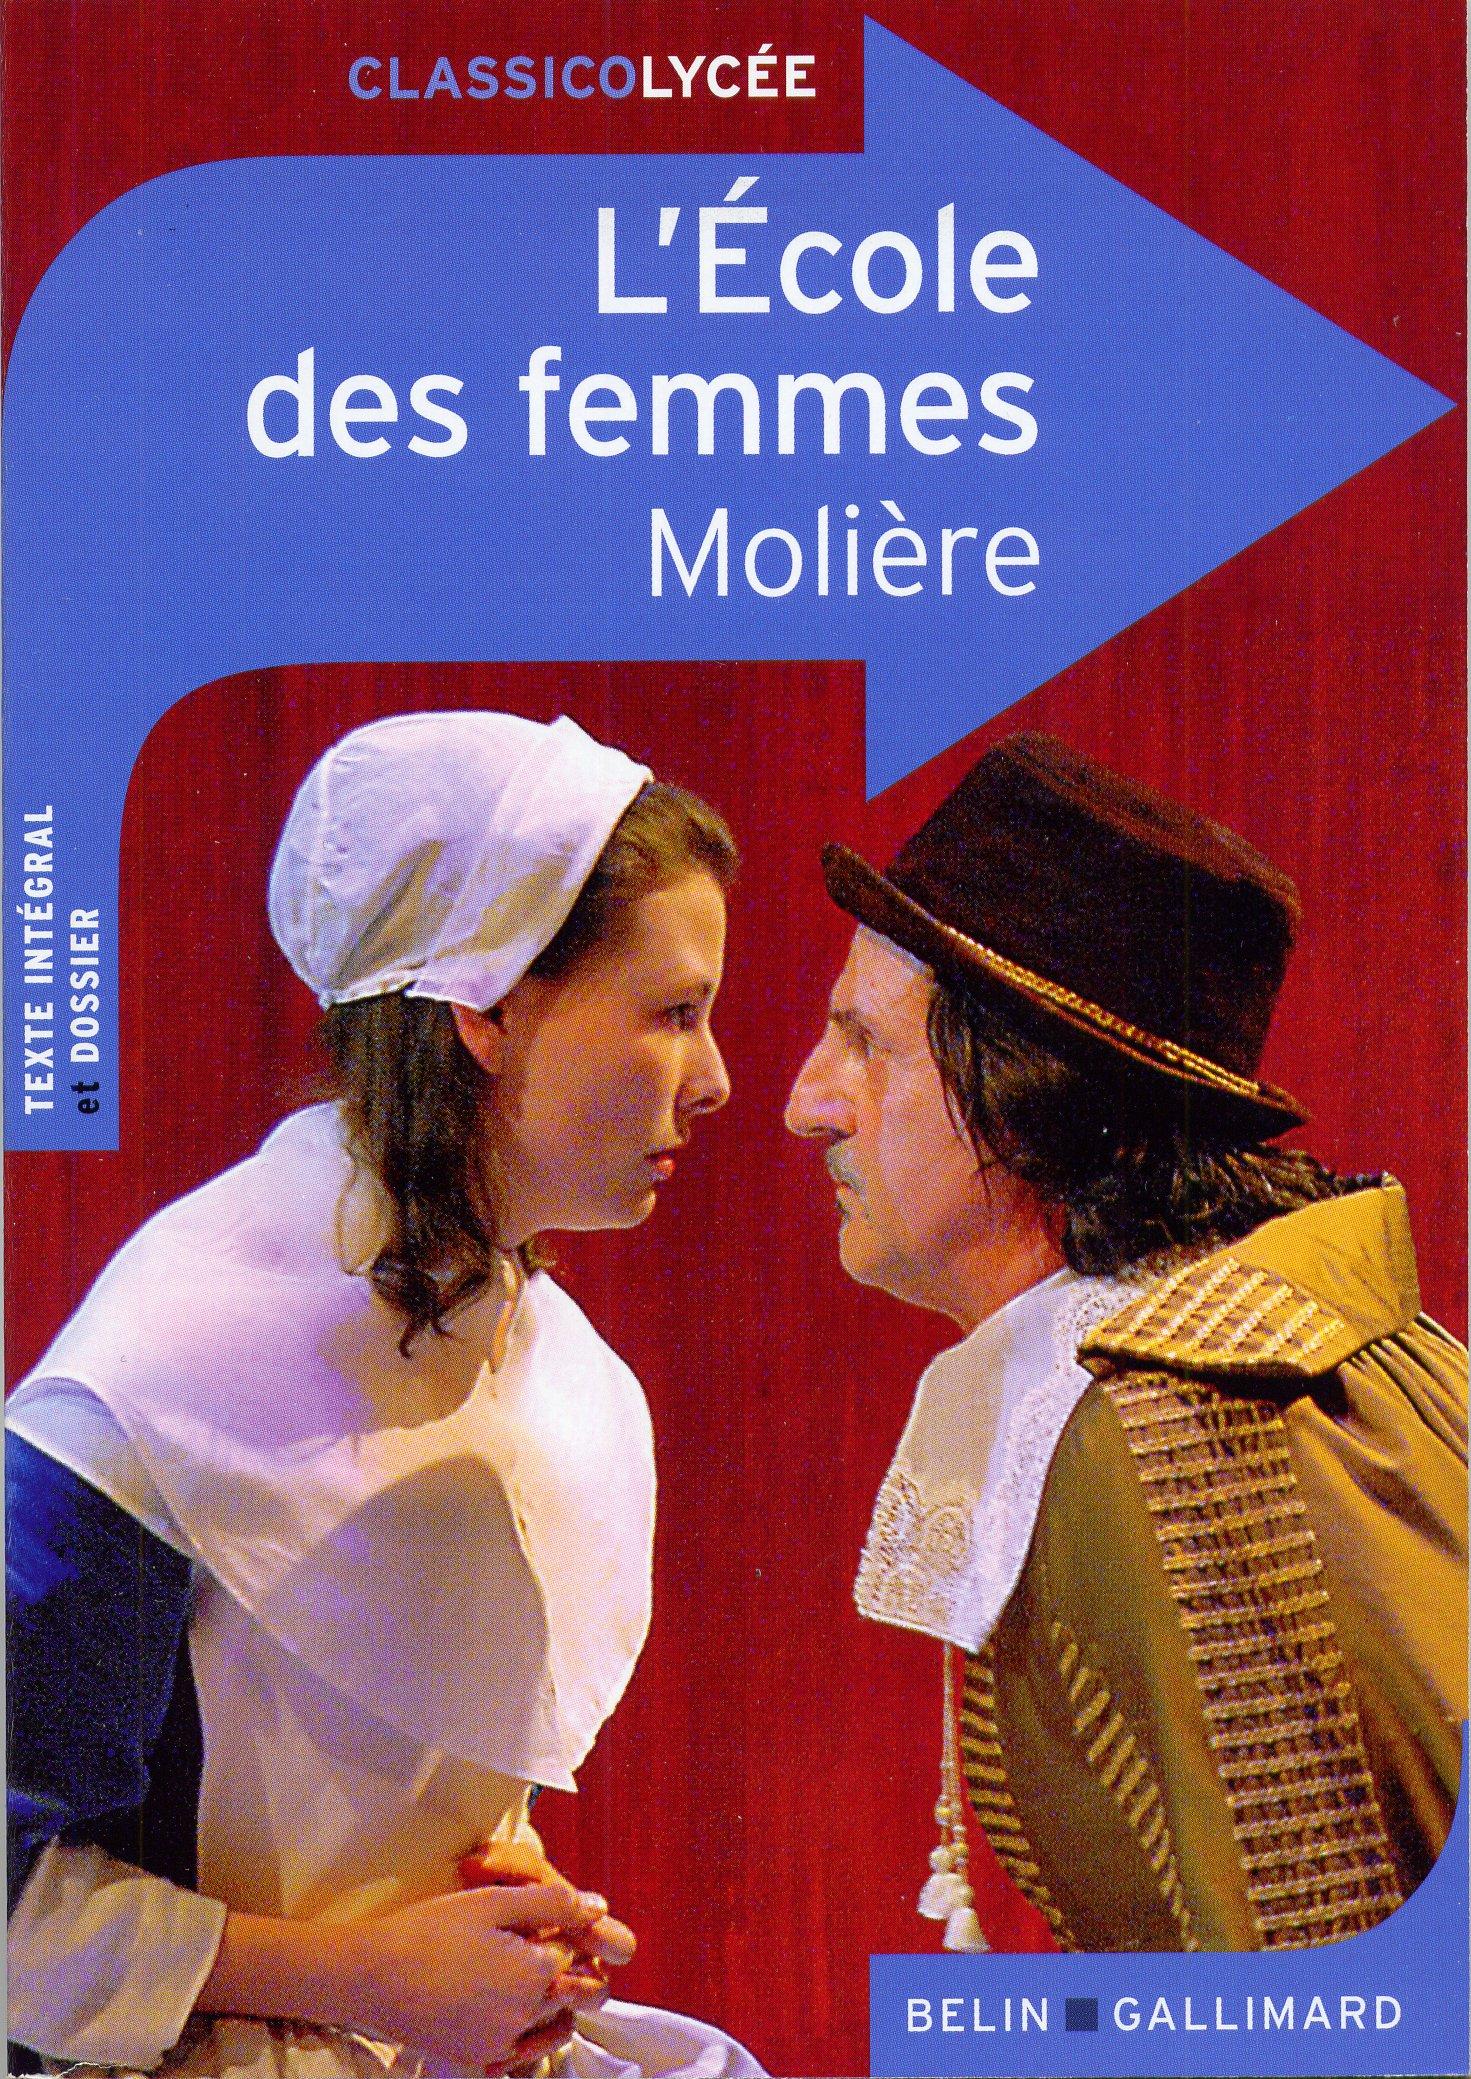 L'École des femmes Broché – 31 janvier 2013 Molière L'École des femmes Belin - Gallimard 2701161584